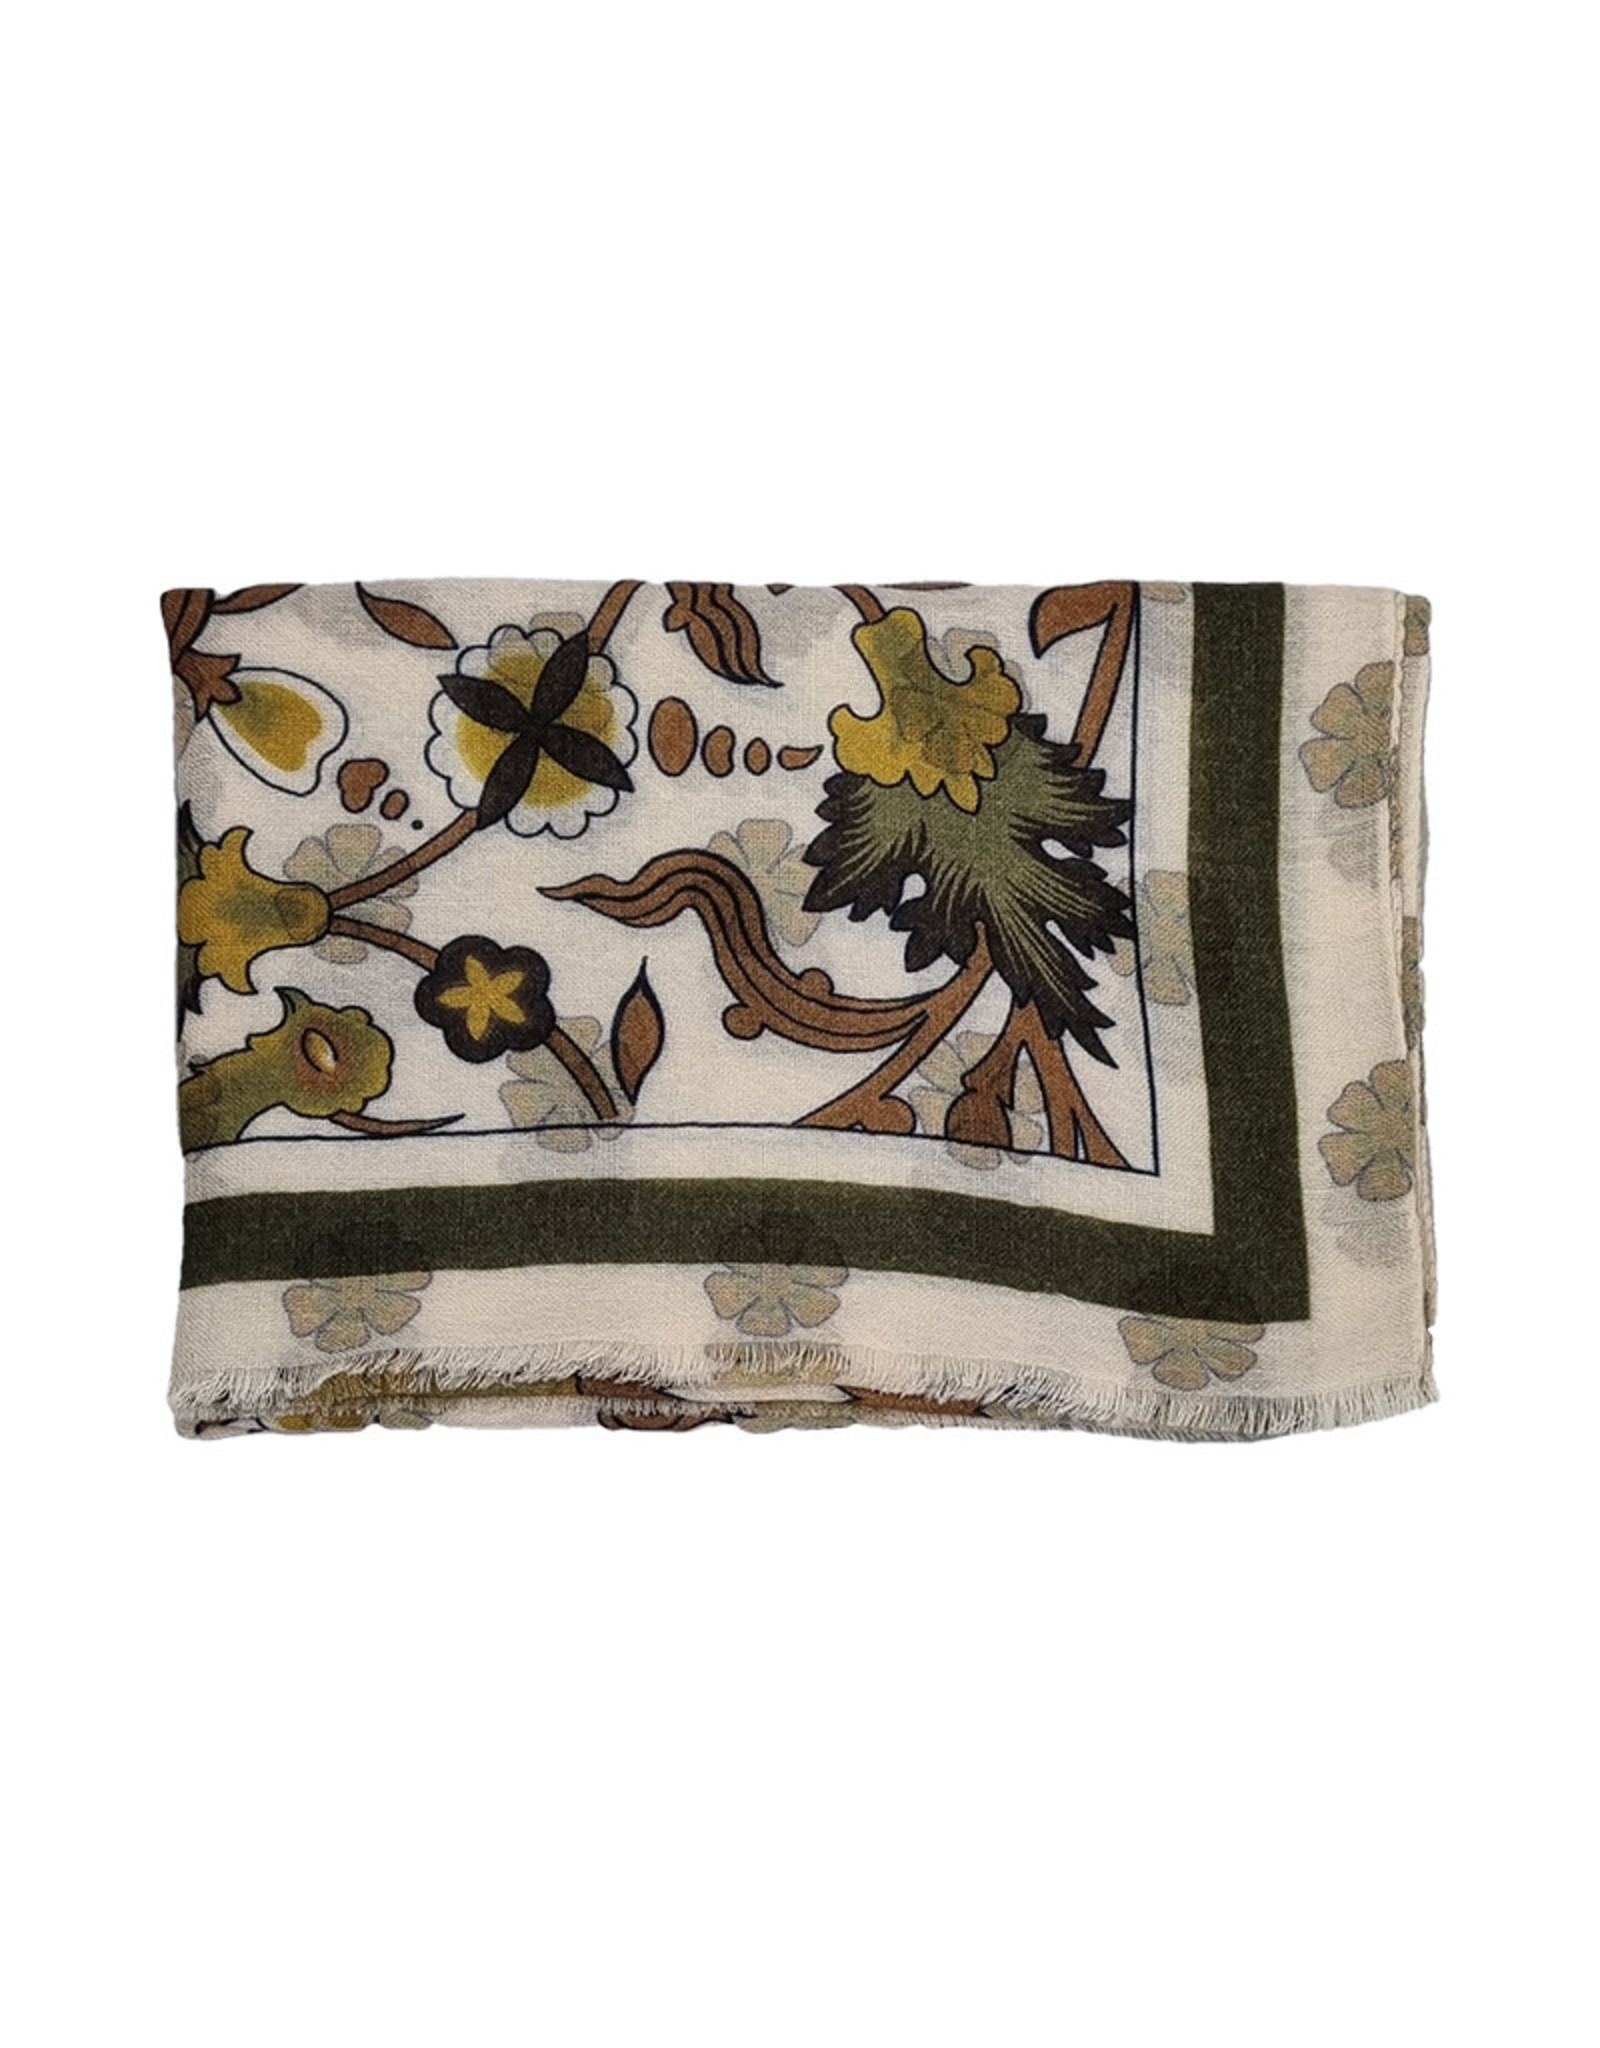 Calabrese Calabrese sjaal ecru-groen fantasie 2000592/025